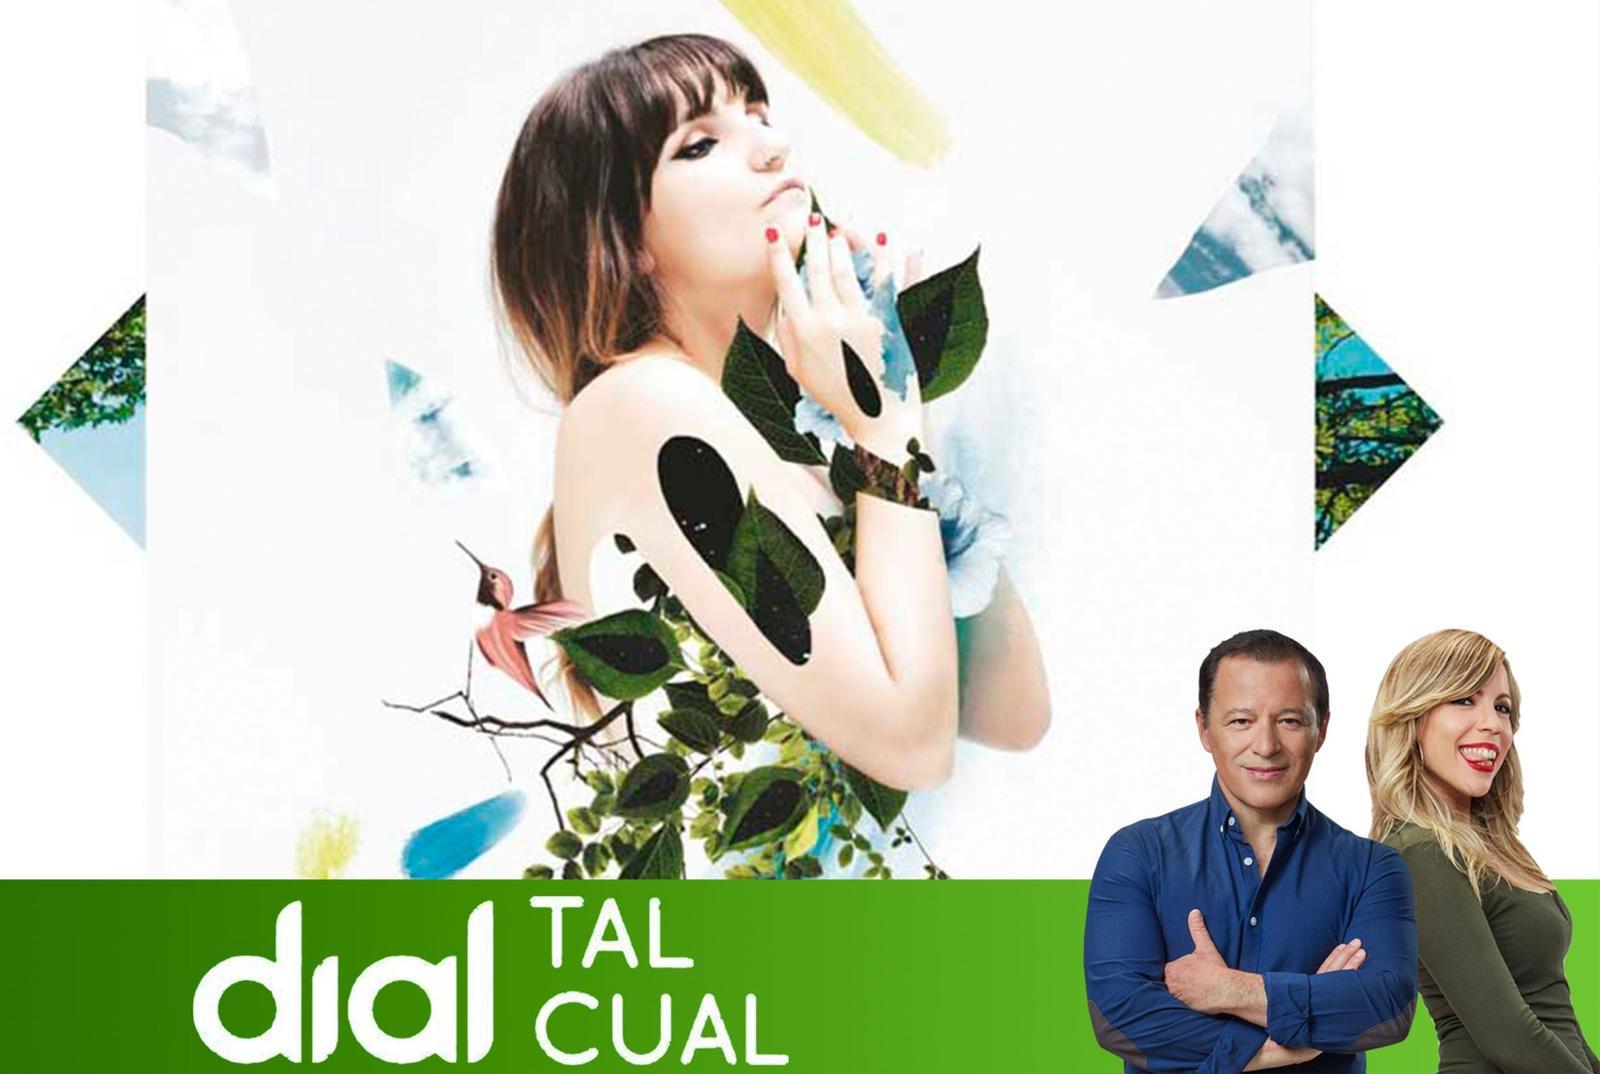 Rozalén celebra la vida a ritmo de funky estrenando nuevas canciones en DTC ¡Escúchalas aquí! - Cadena Dial